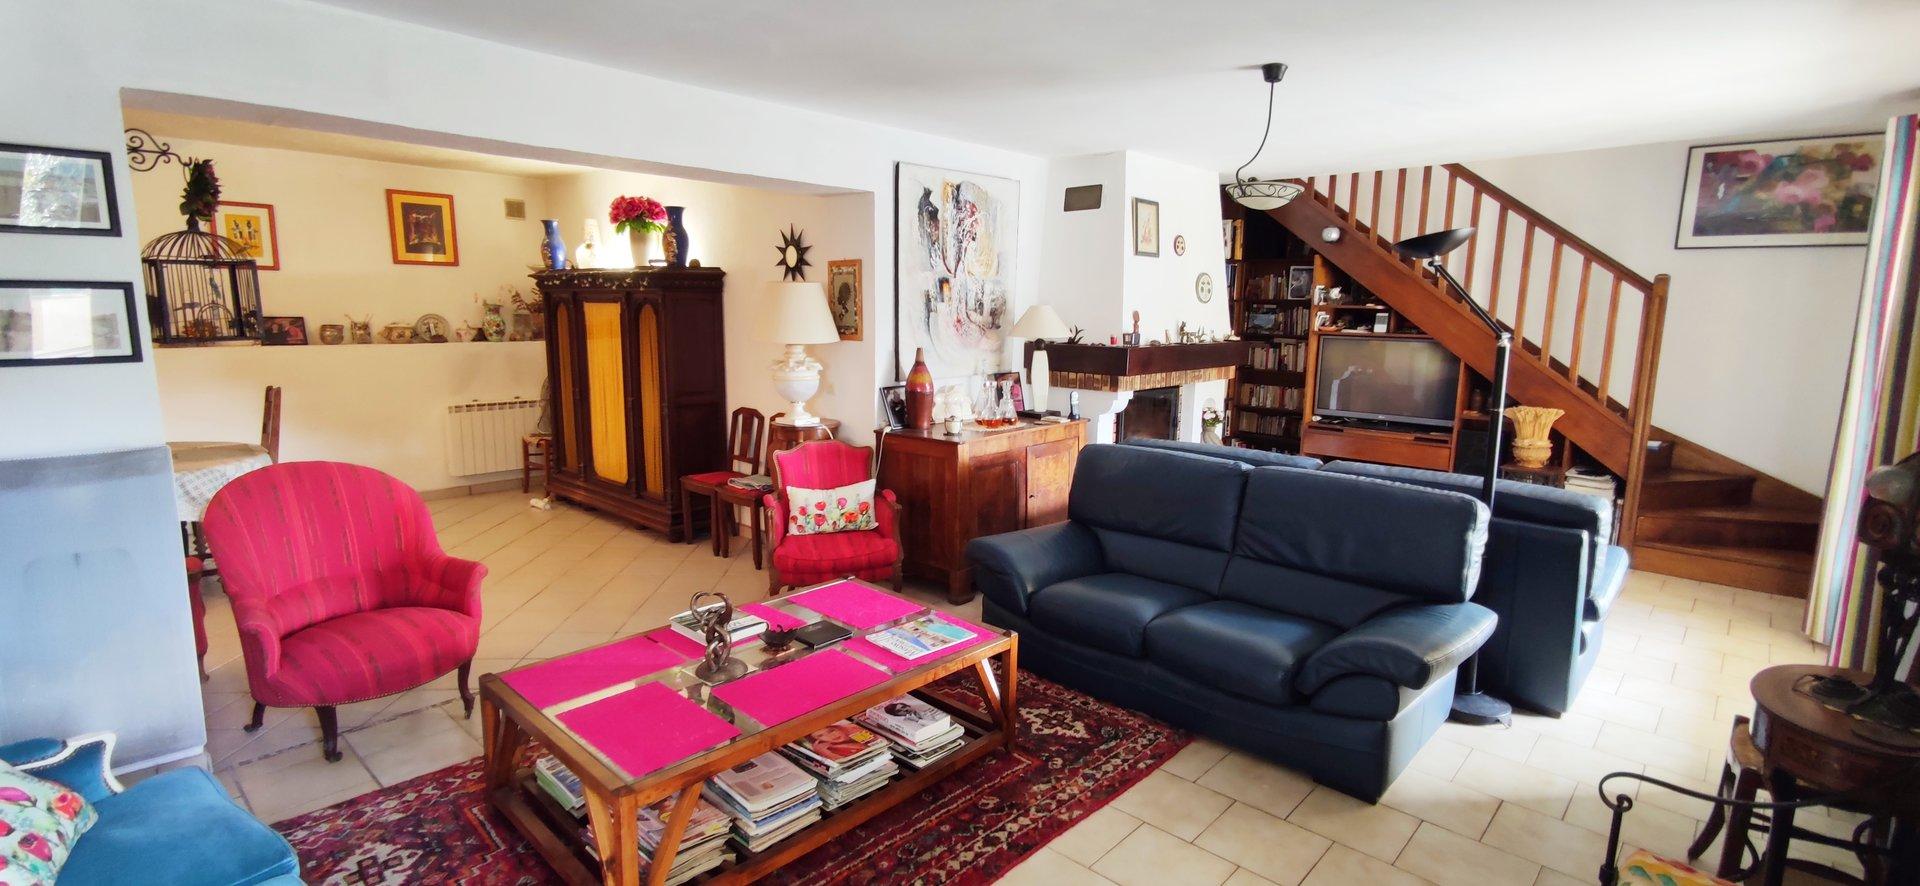 ROQUEFORT-LES-PINS - Maison familiale avec Vue dégagée